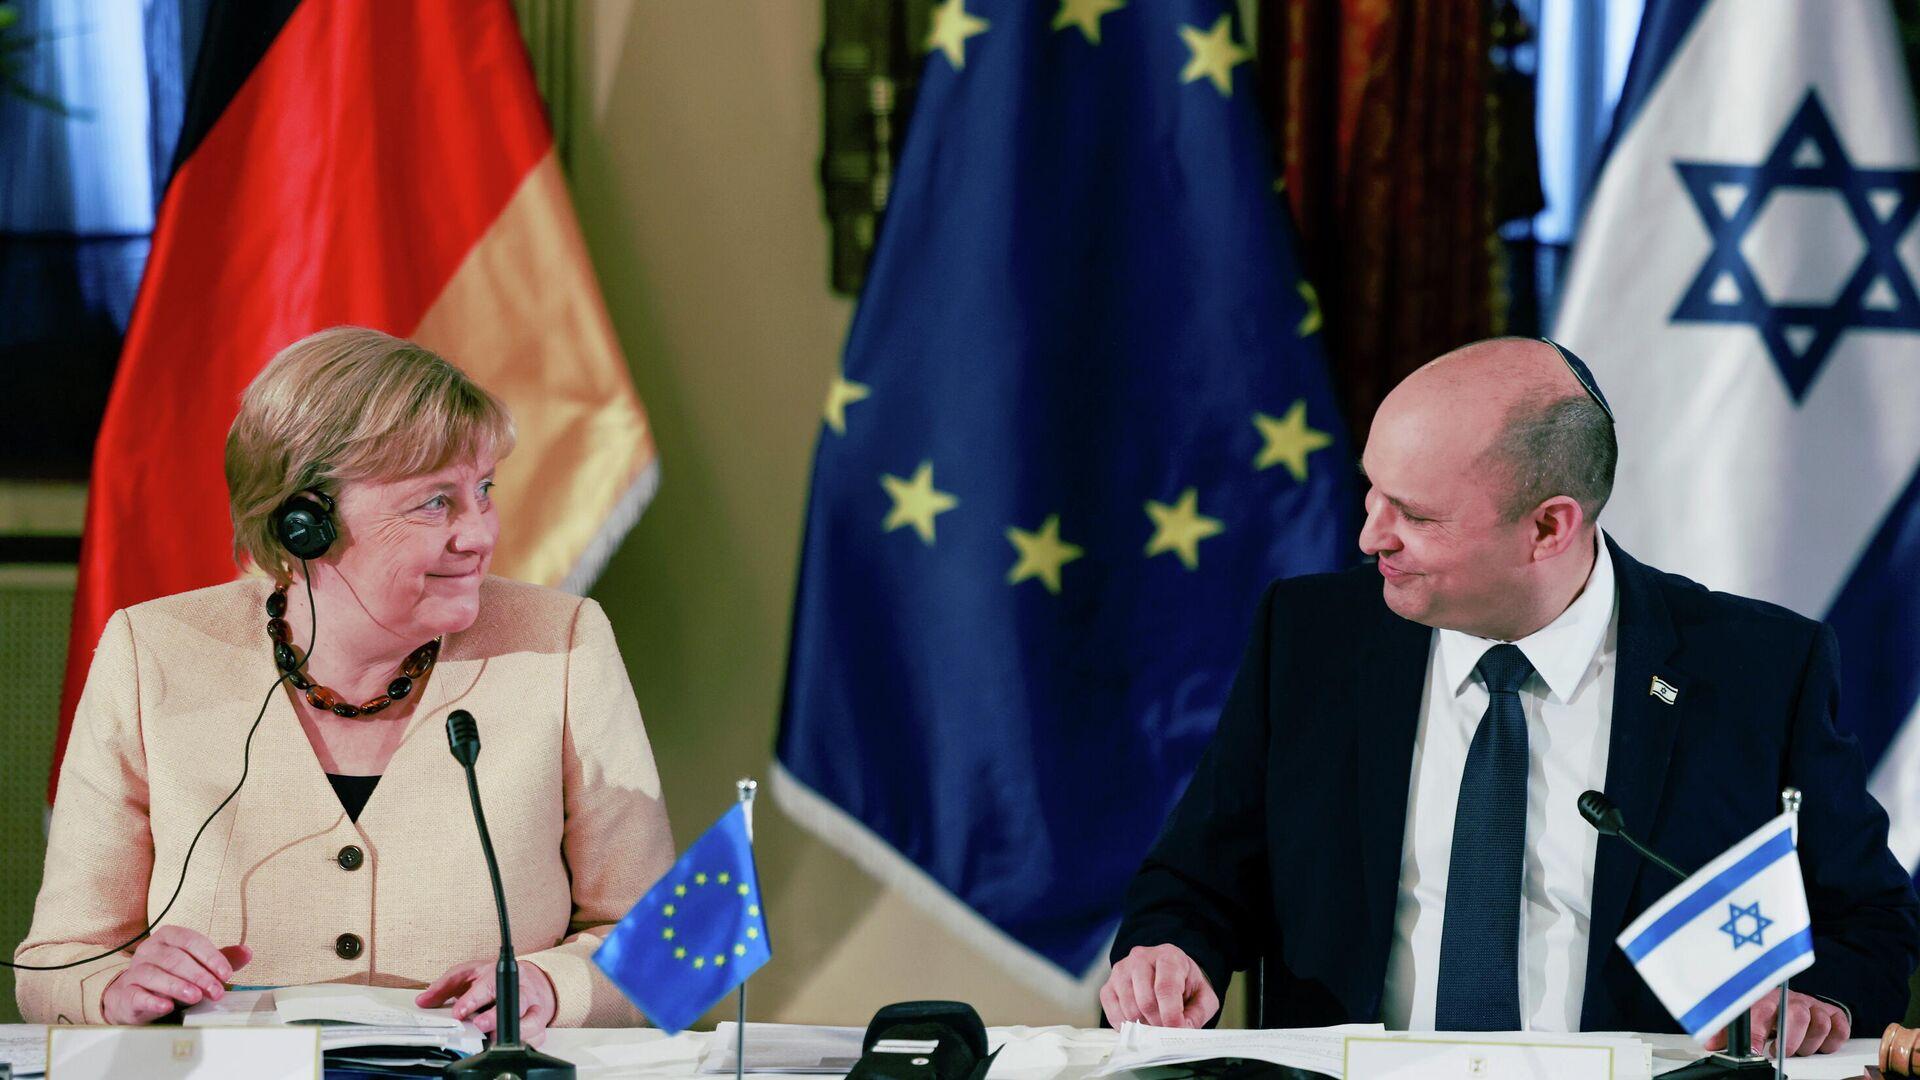 La canciller alemana, Angela Merkel, y el primer ministro israelí, Naftali Bennett  - Sputnik Mundo, 1920, 10.10.2021